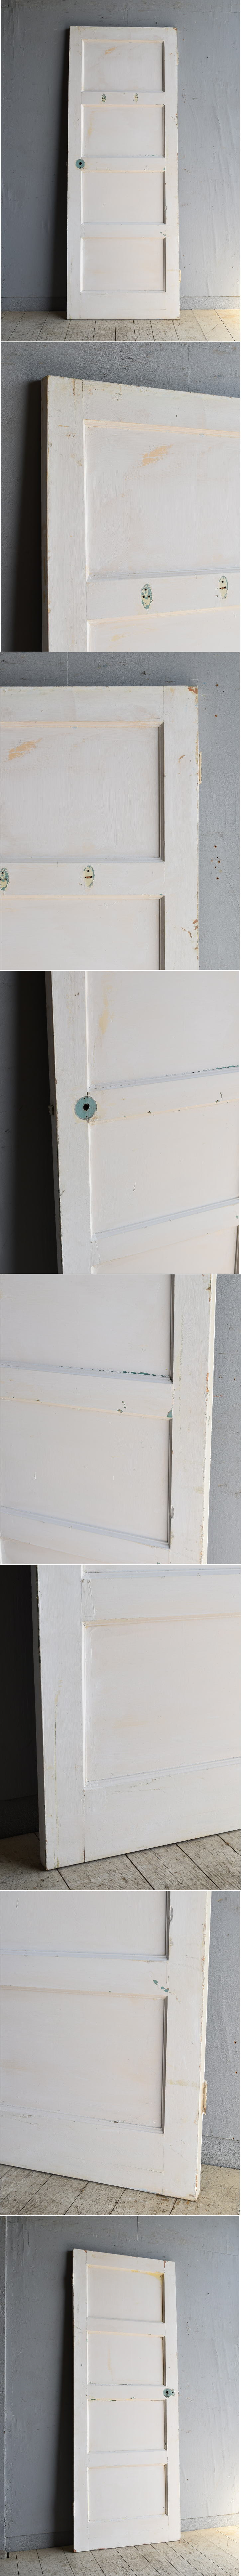 イギリス アンティーク ドア 扉 建具 8454